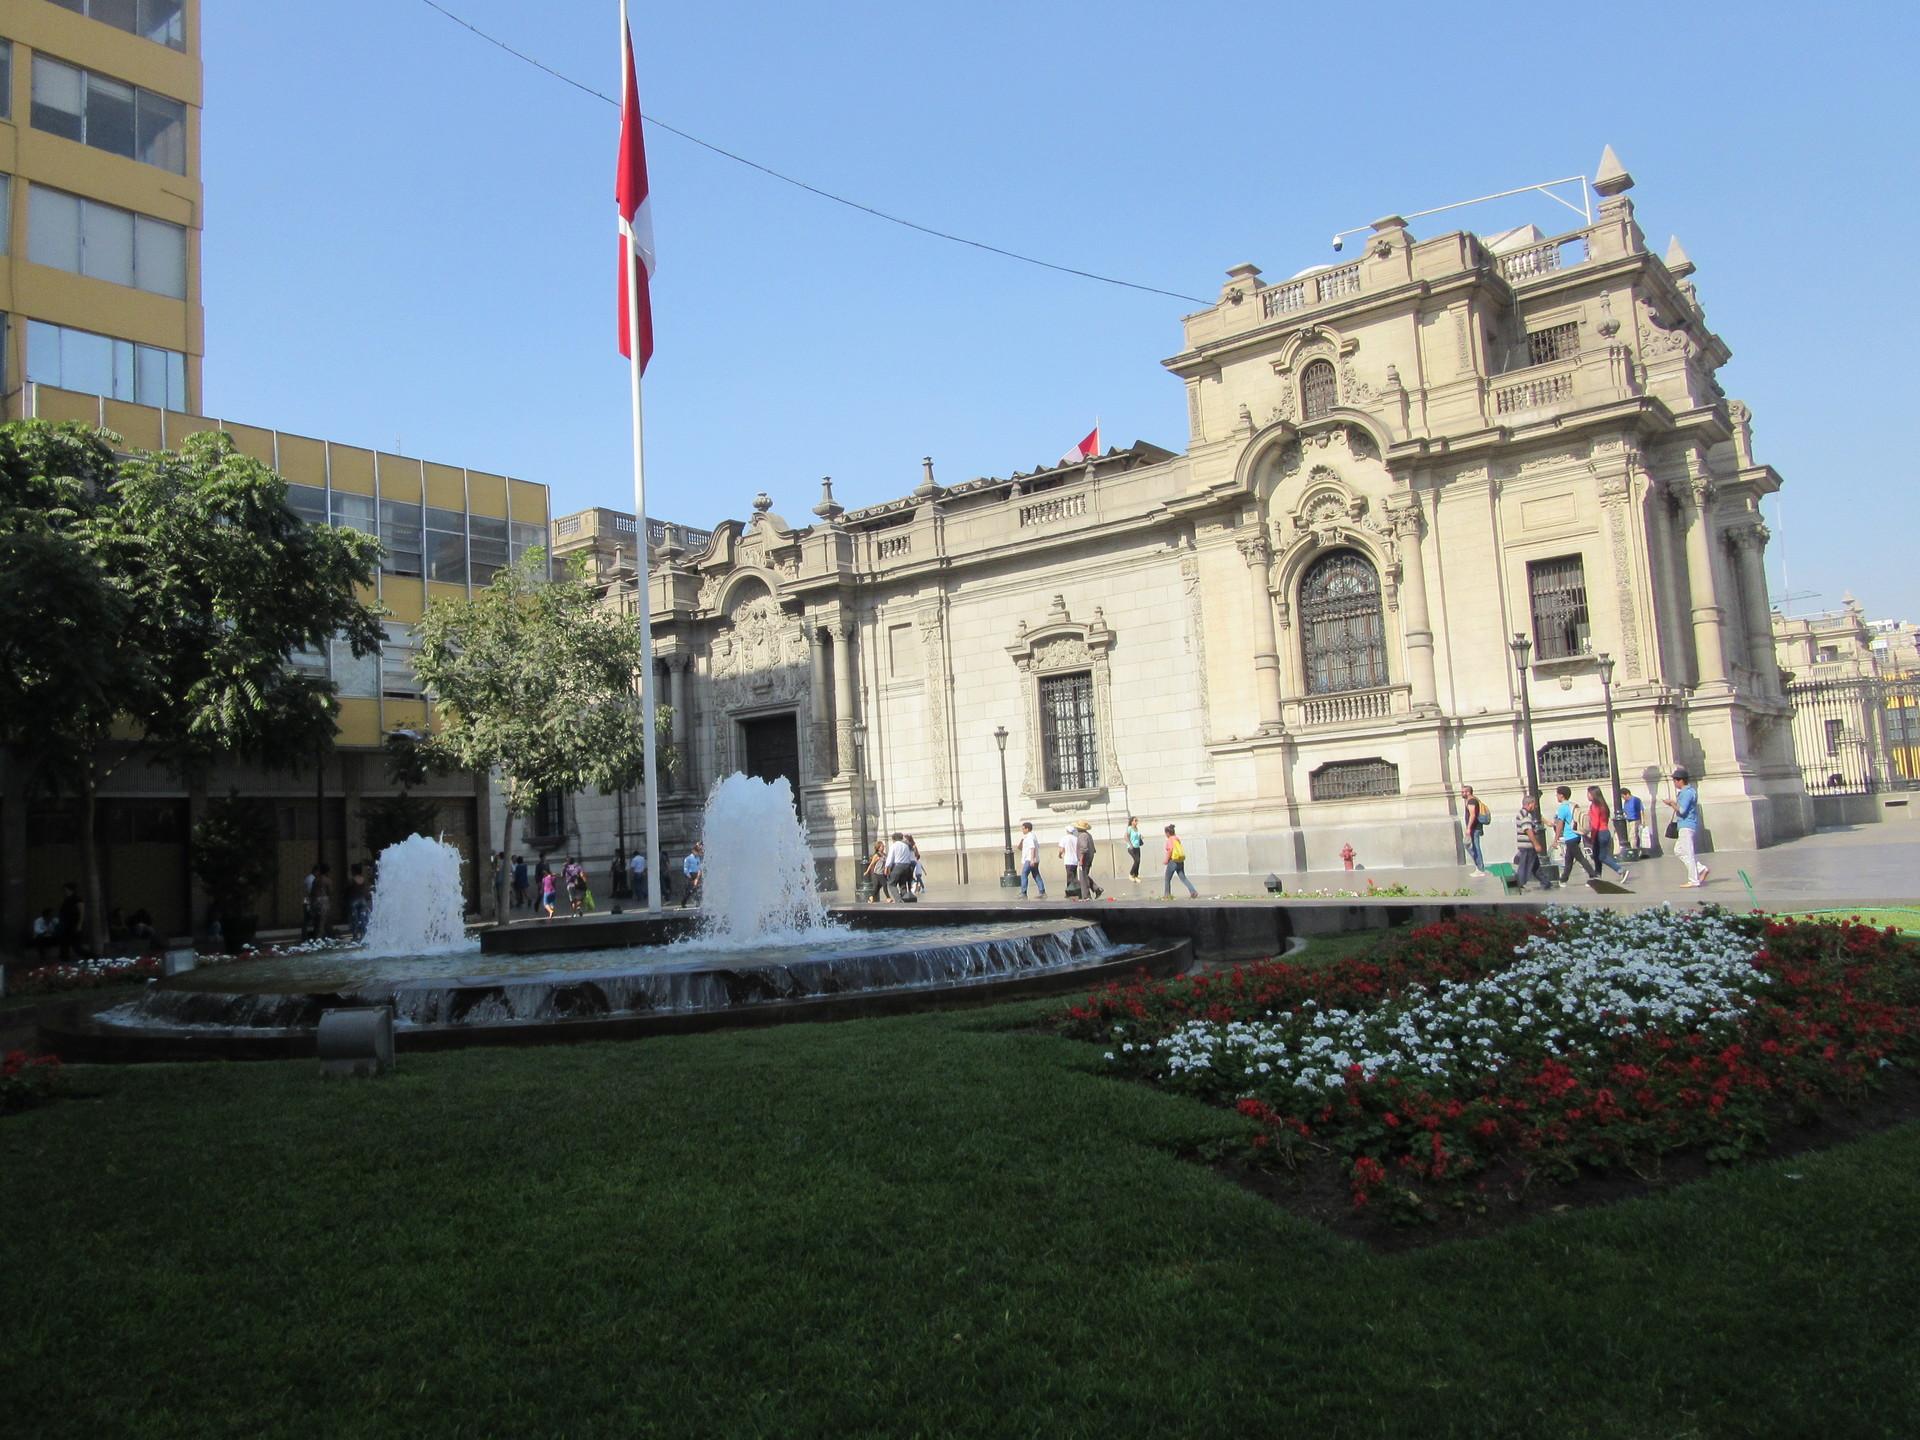 museo-dedicado-a-virgen-maria-31a3b3d49f